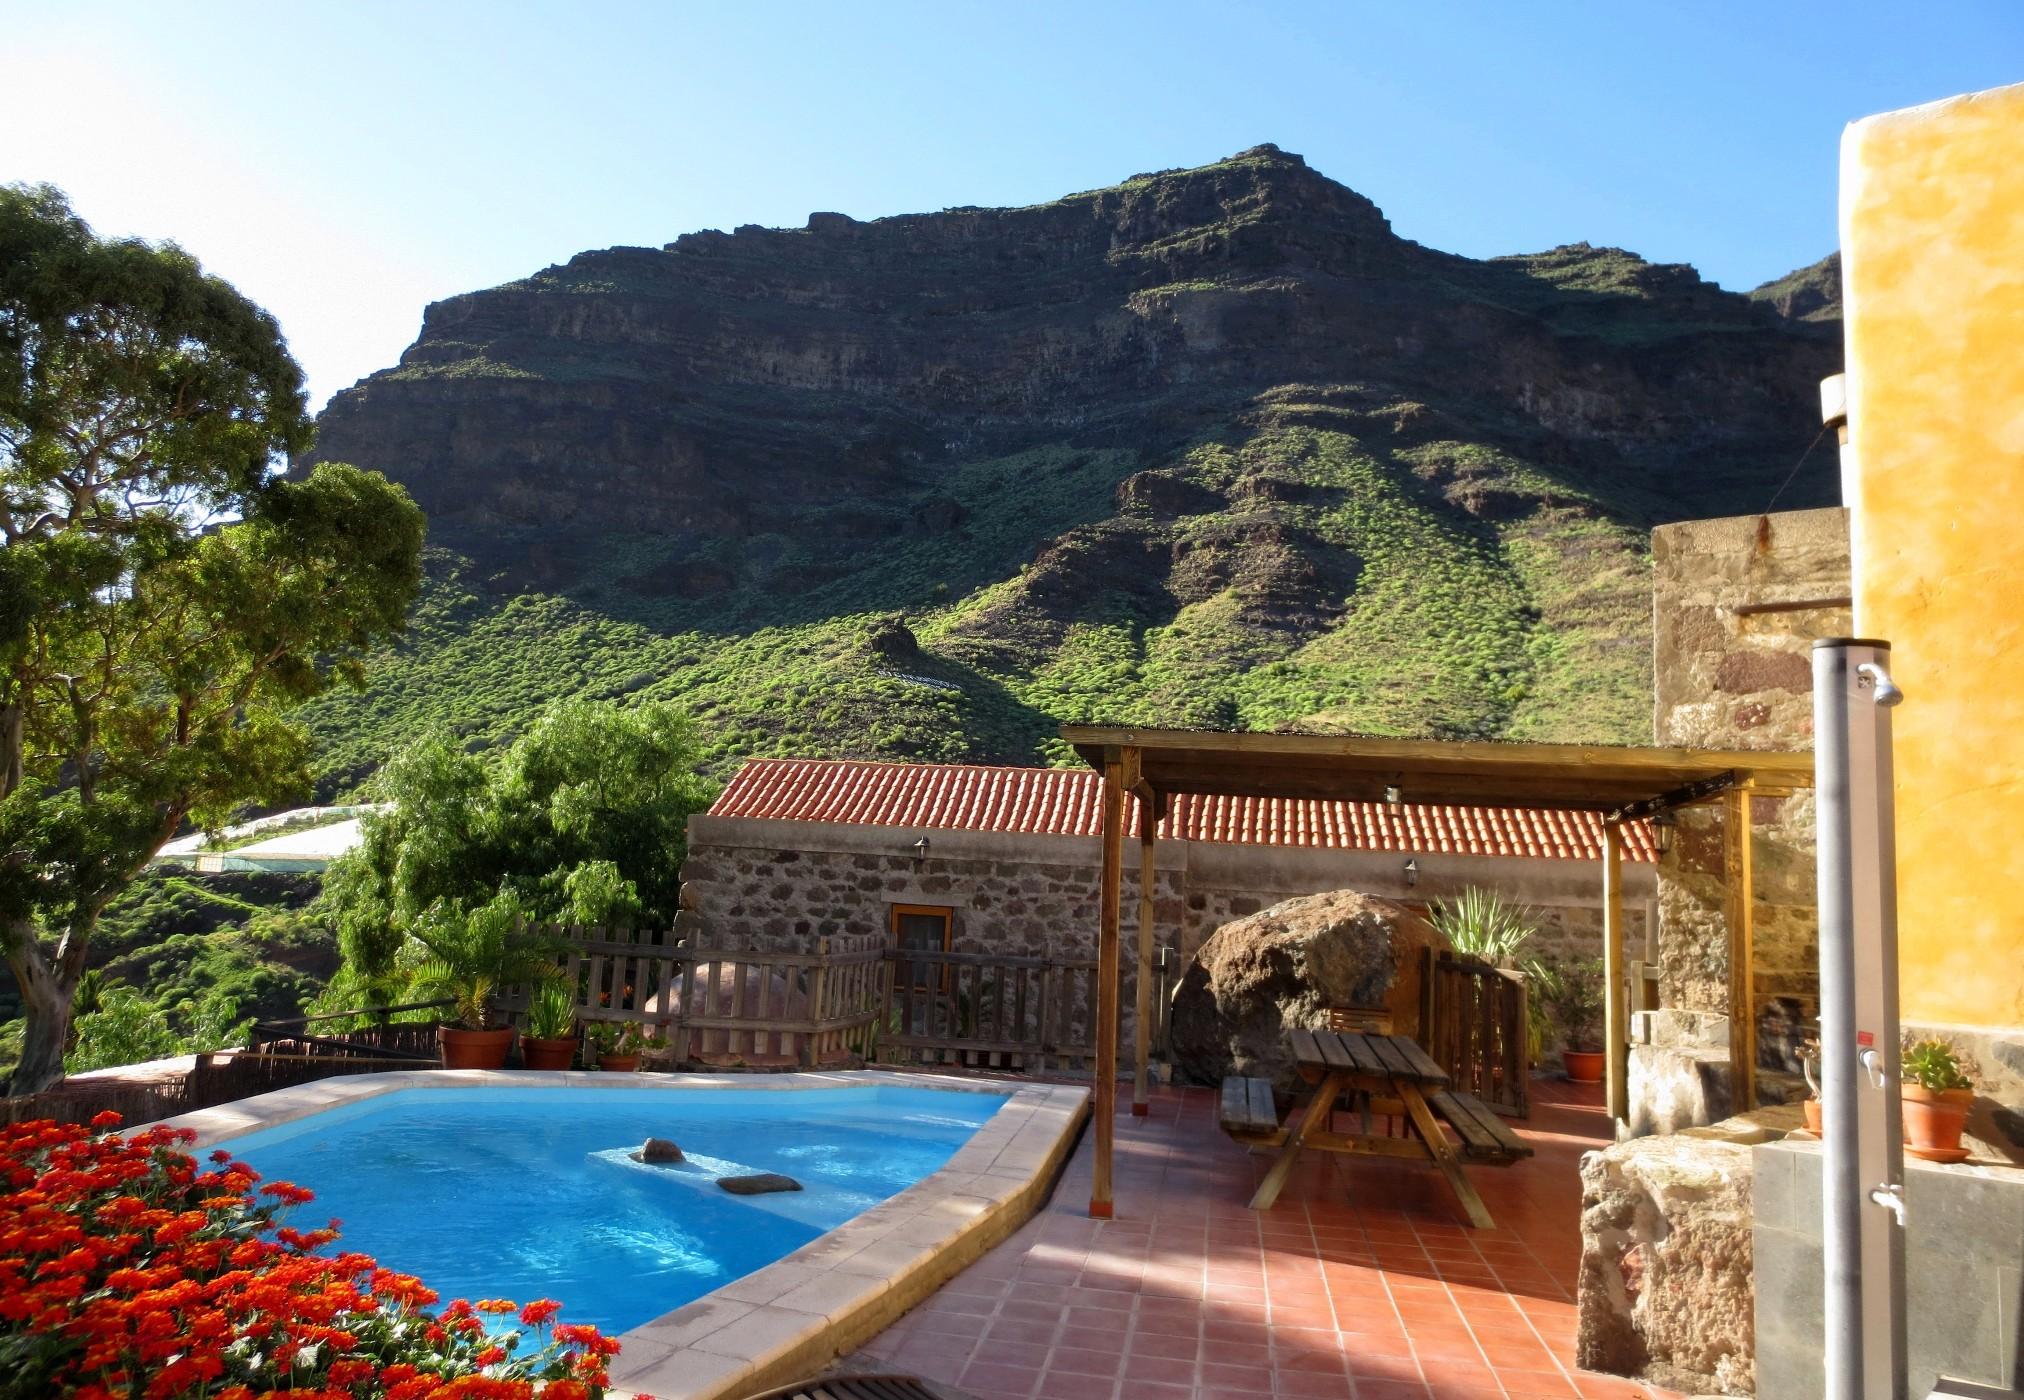 Villa de alquiler con piscina privada en gran canaria for Alquiler villas con piscina privada